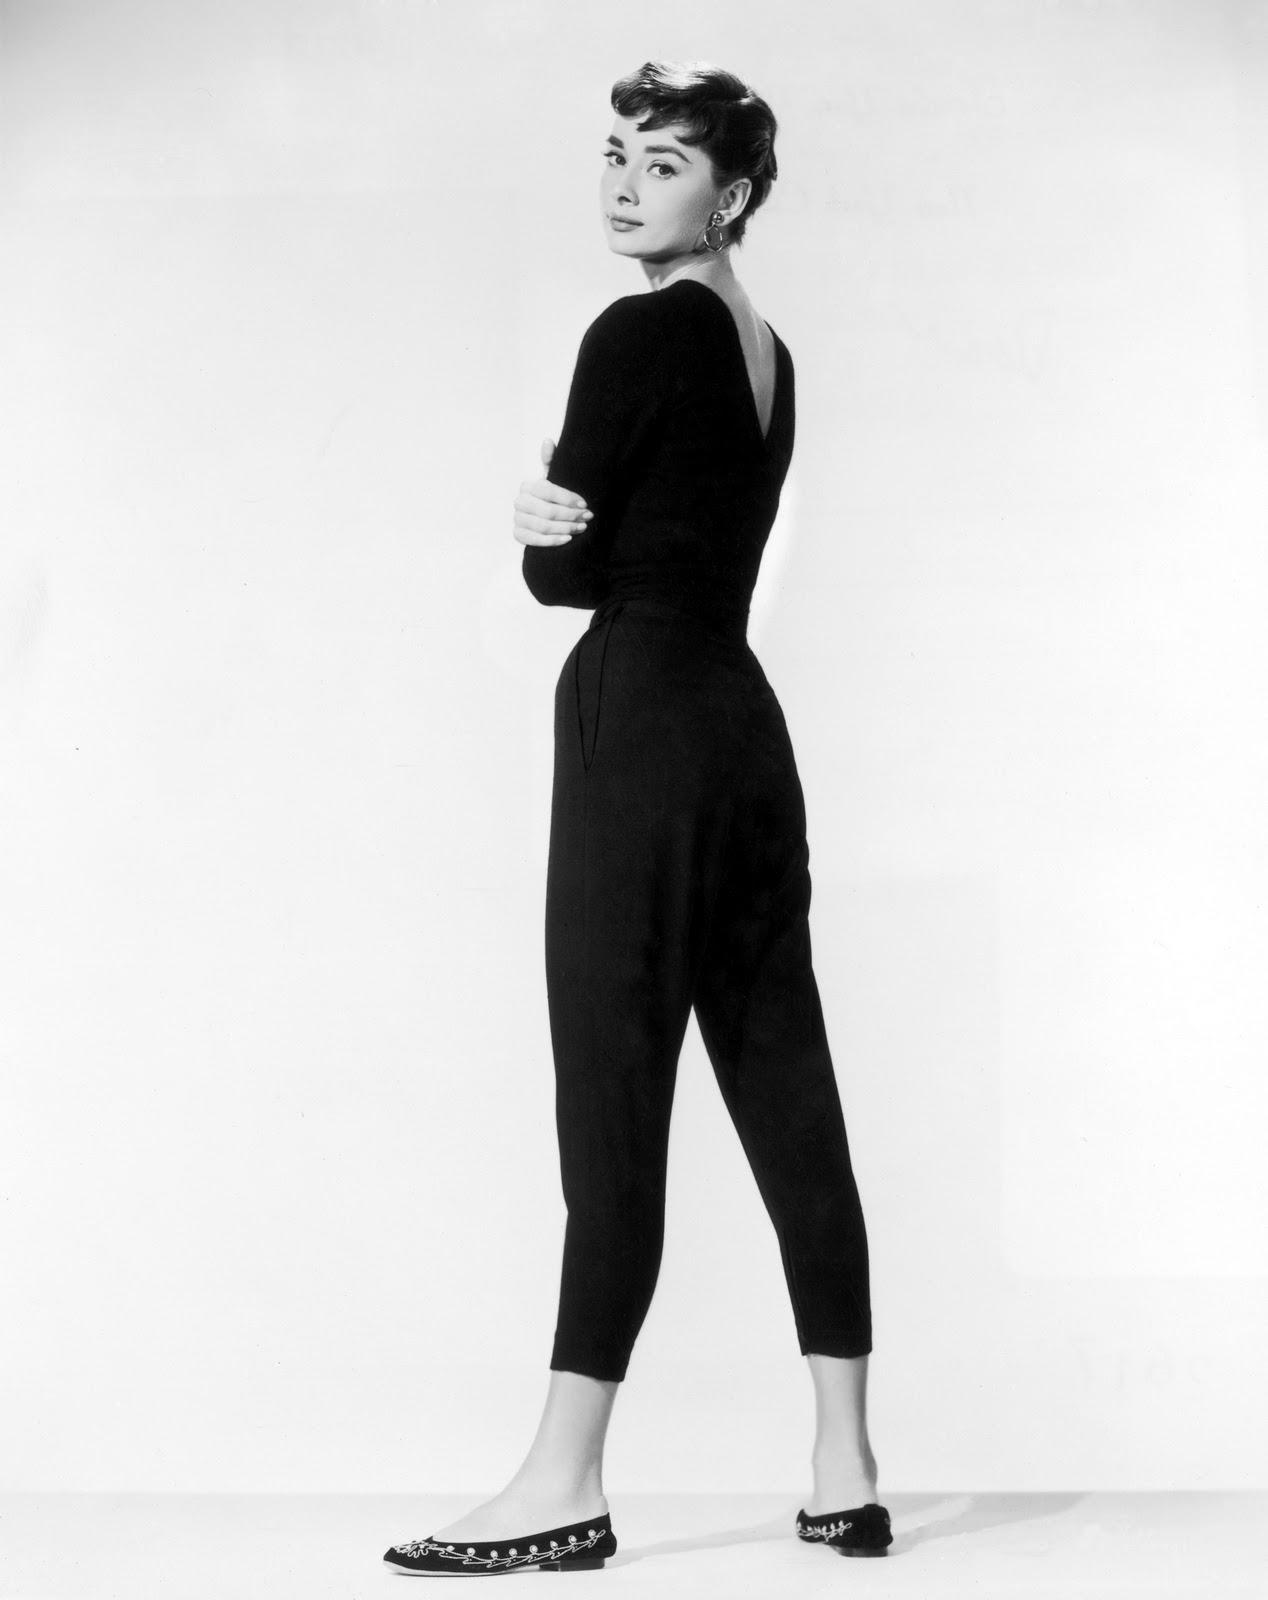 Stylish films-Sabrina (1954) | filmgeekwatching